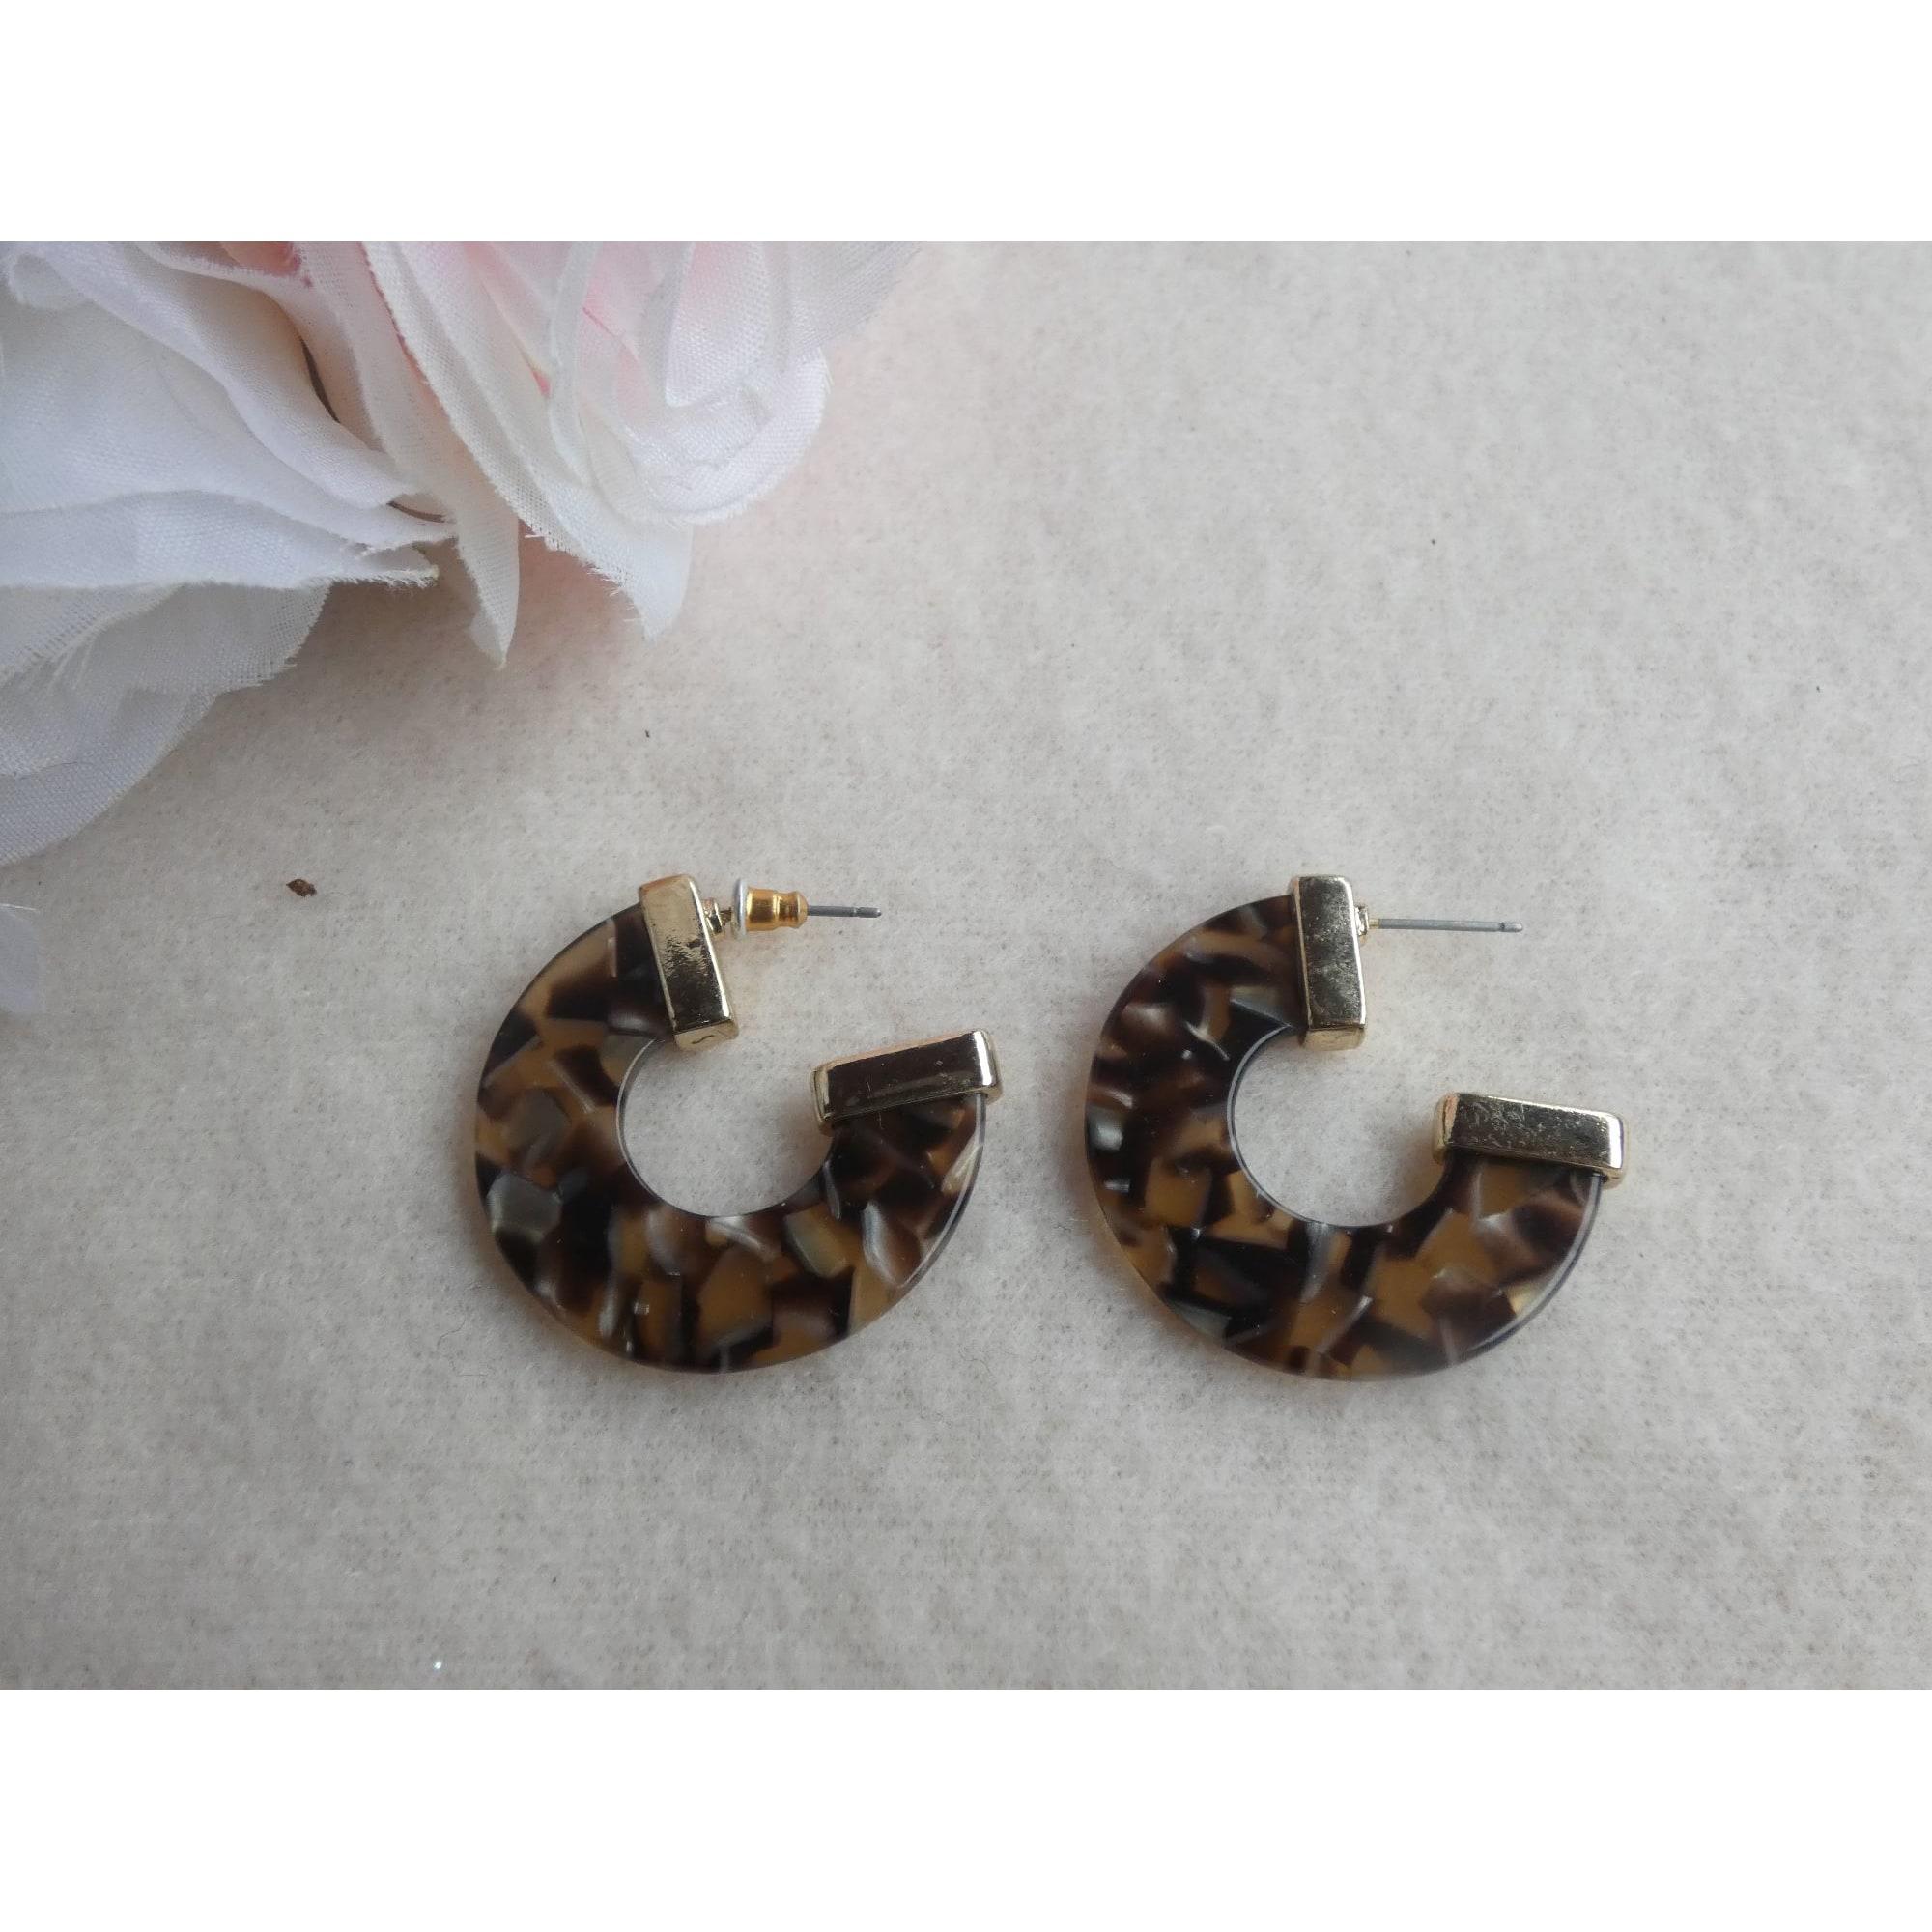 Boucles d'oreille FANTAISIE Imprimés animaliers